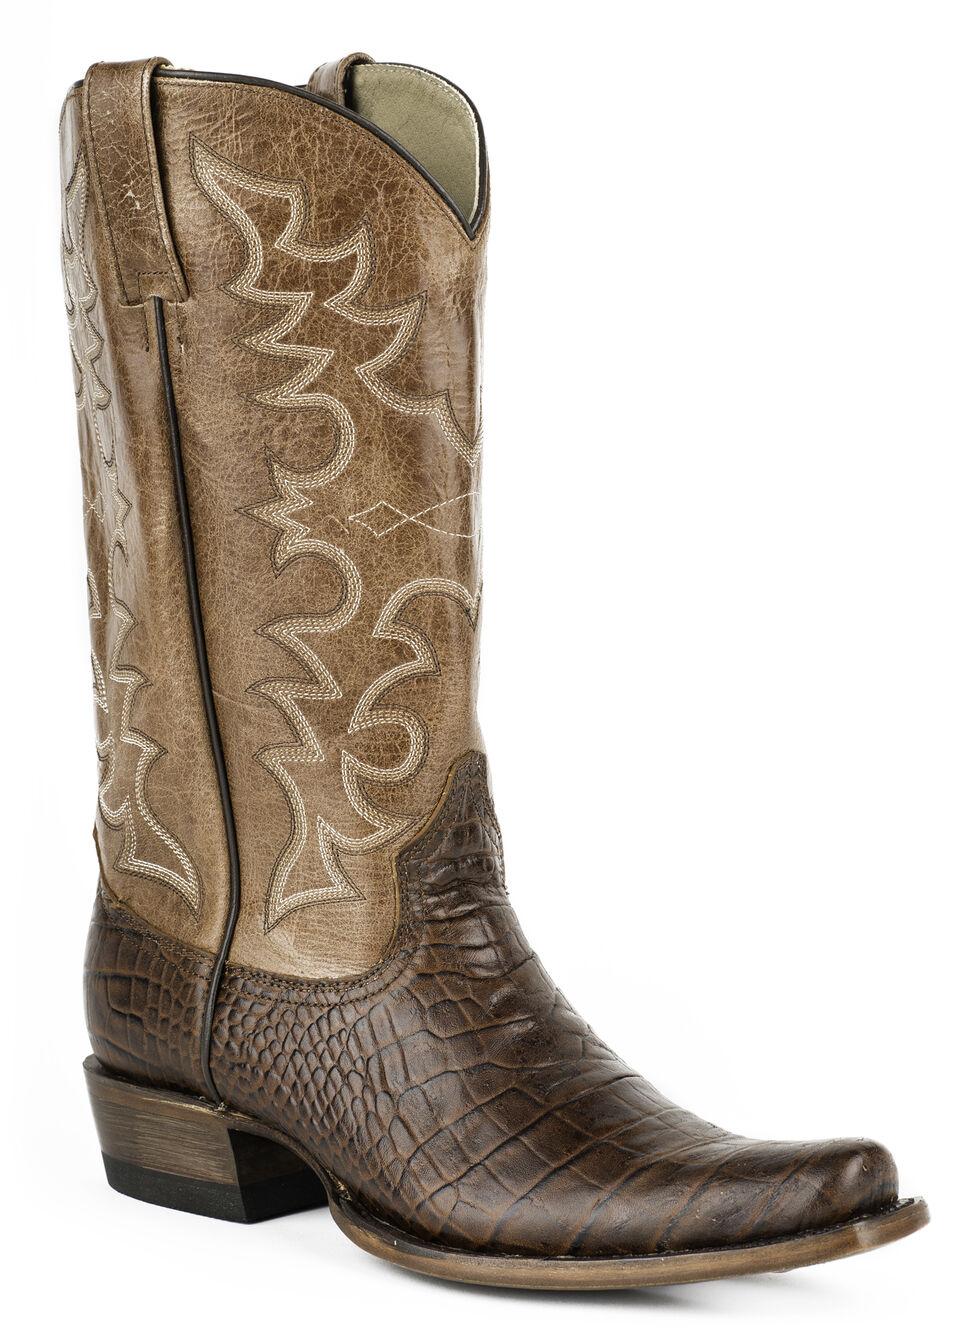 Roper Croc Print Cowboy Boots - Narrow Square Toe, Brown, hi-res